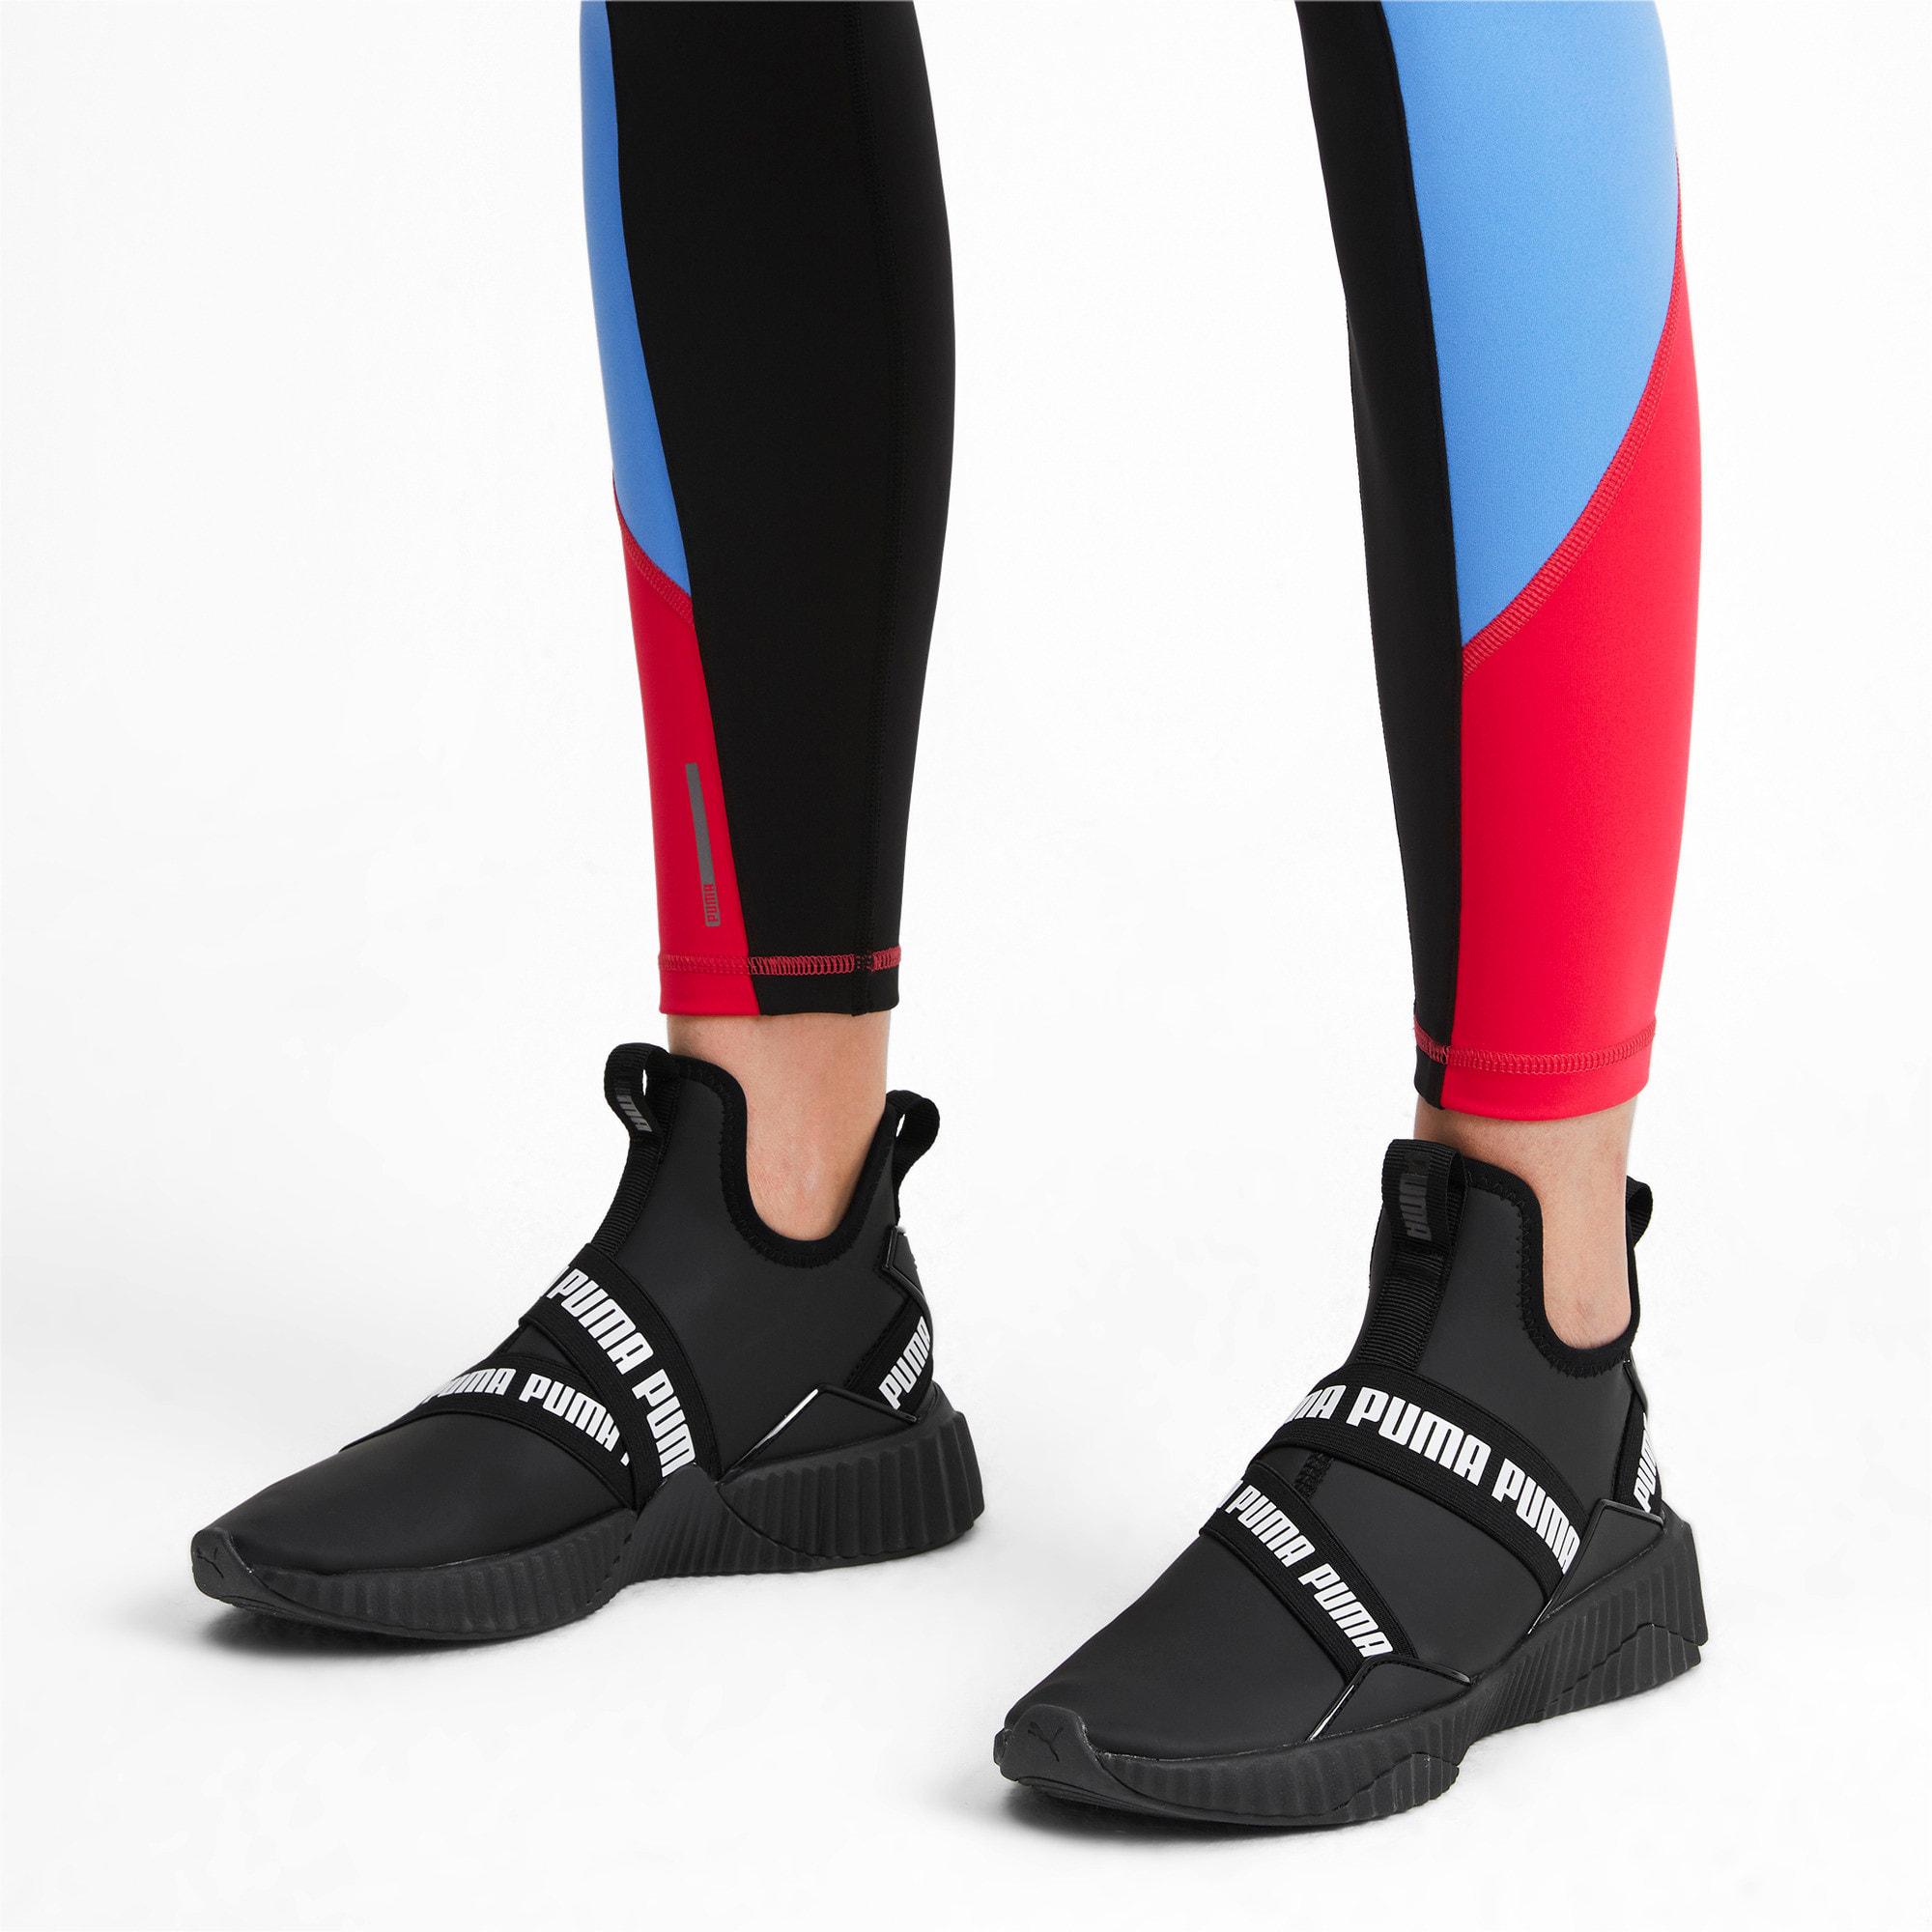 Imagen en miniatura 2 de Zapatillas de mujer Defy Mid Matte, Puma Black-Puma White, mediana